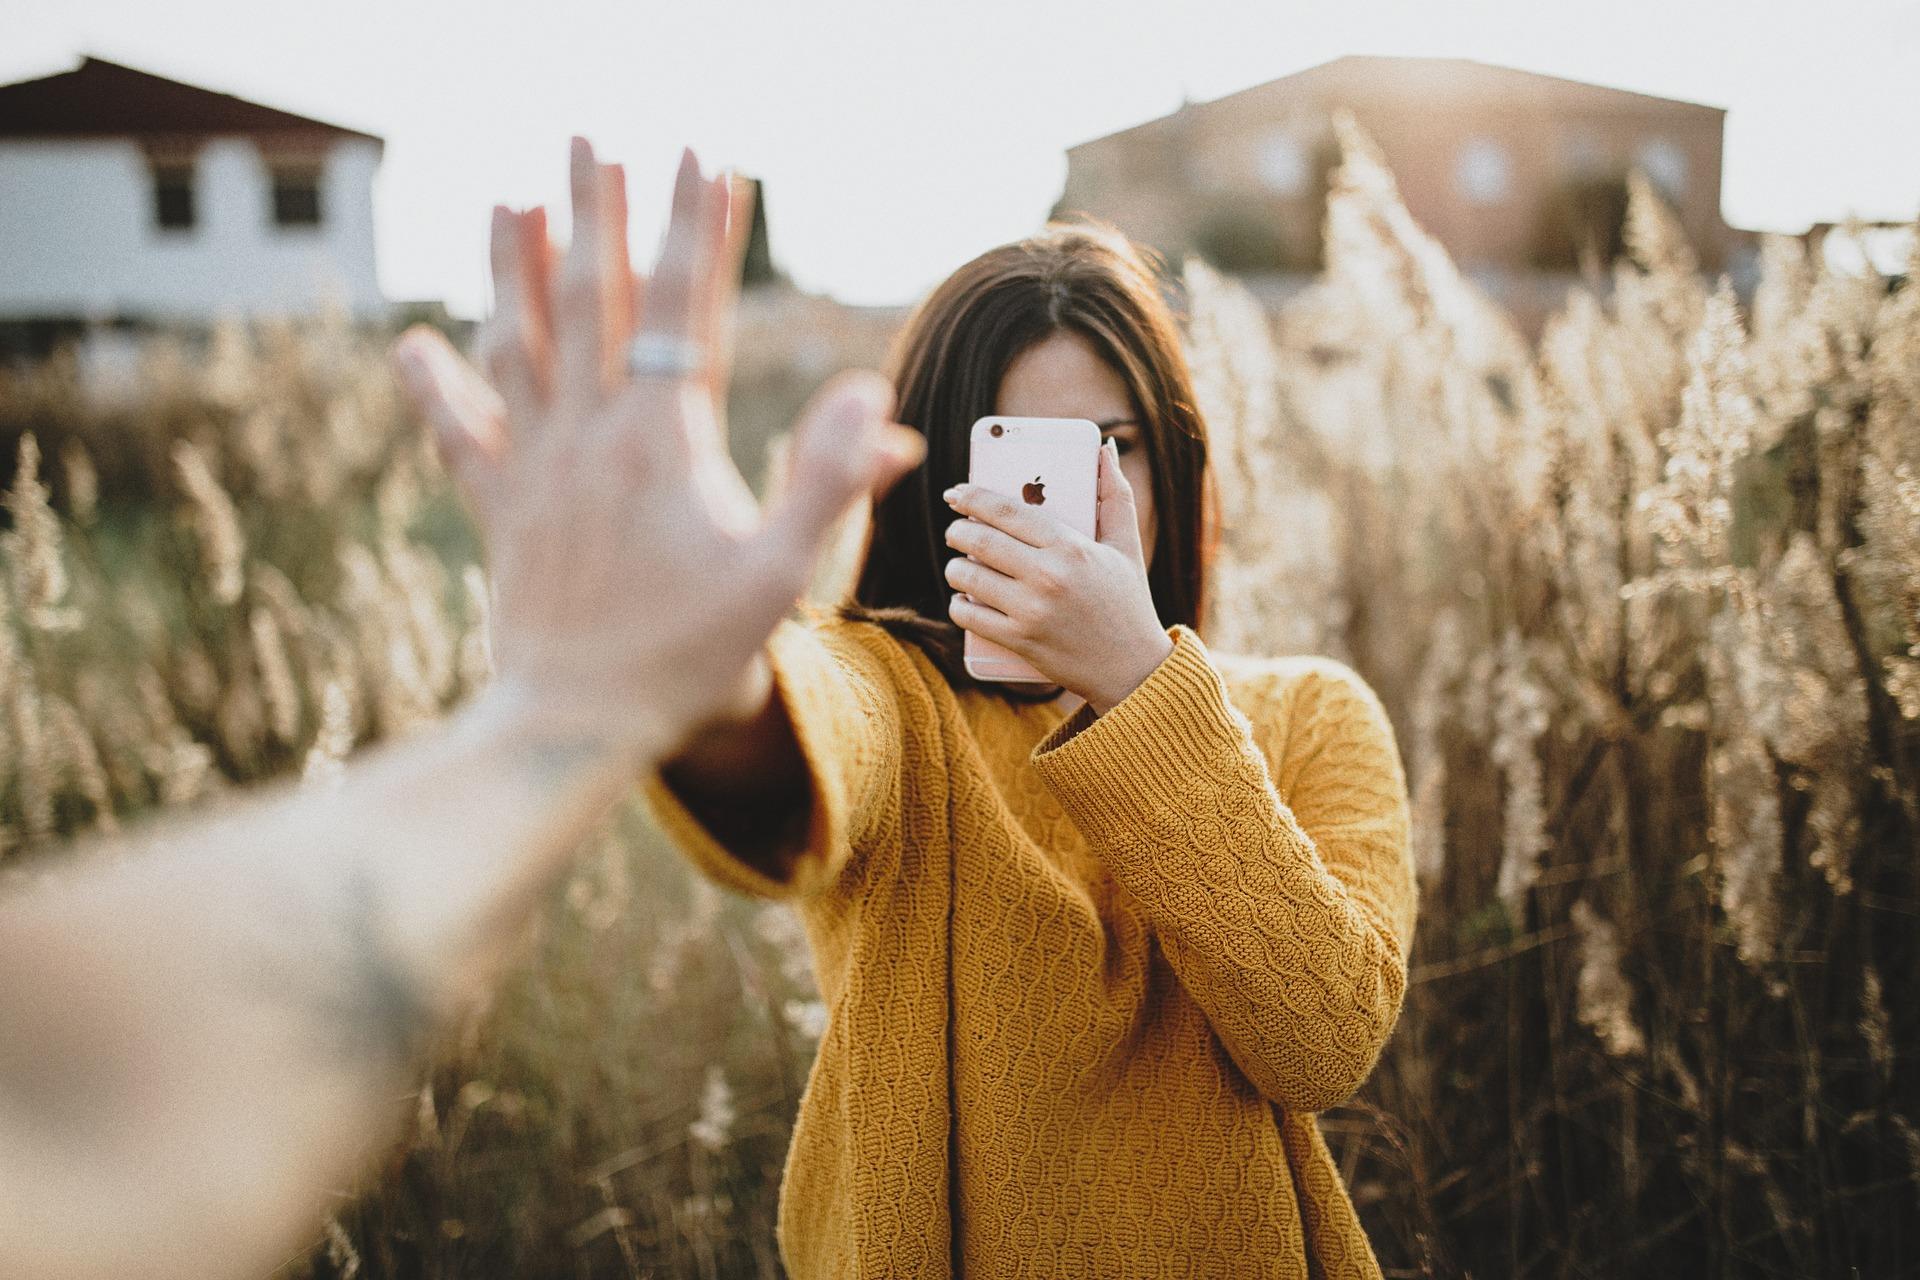 彼氏の携帯をチェックしたくなったら④携帯を見せて欲しいという